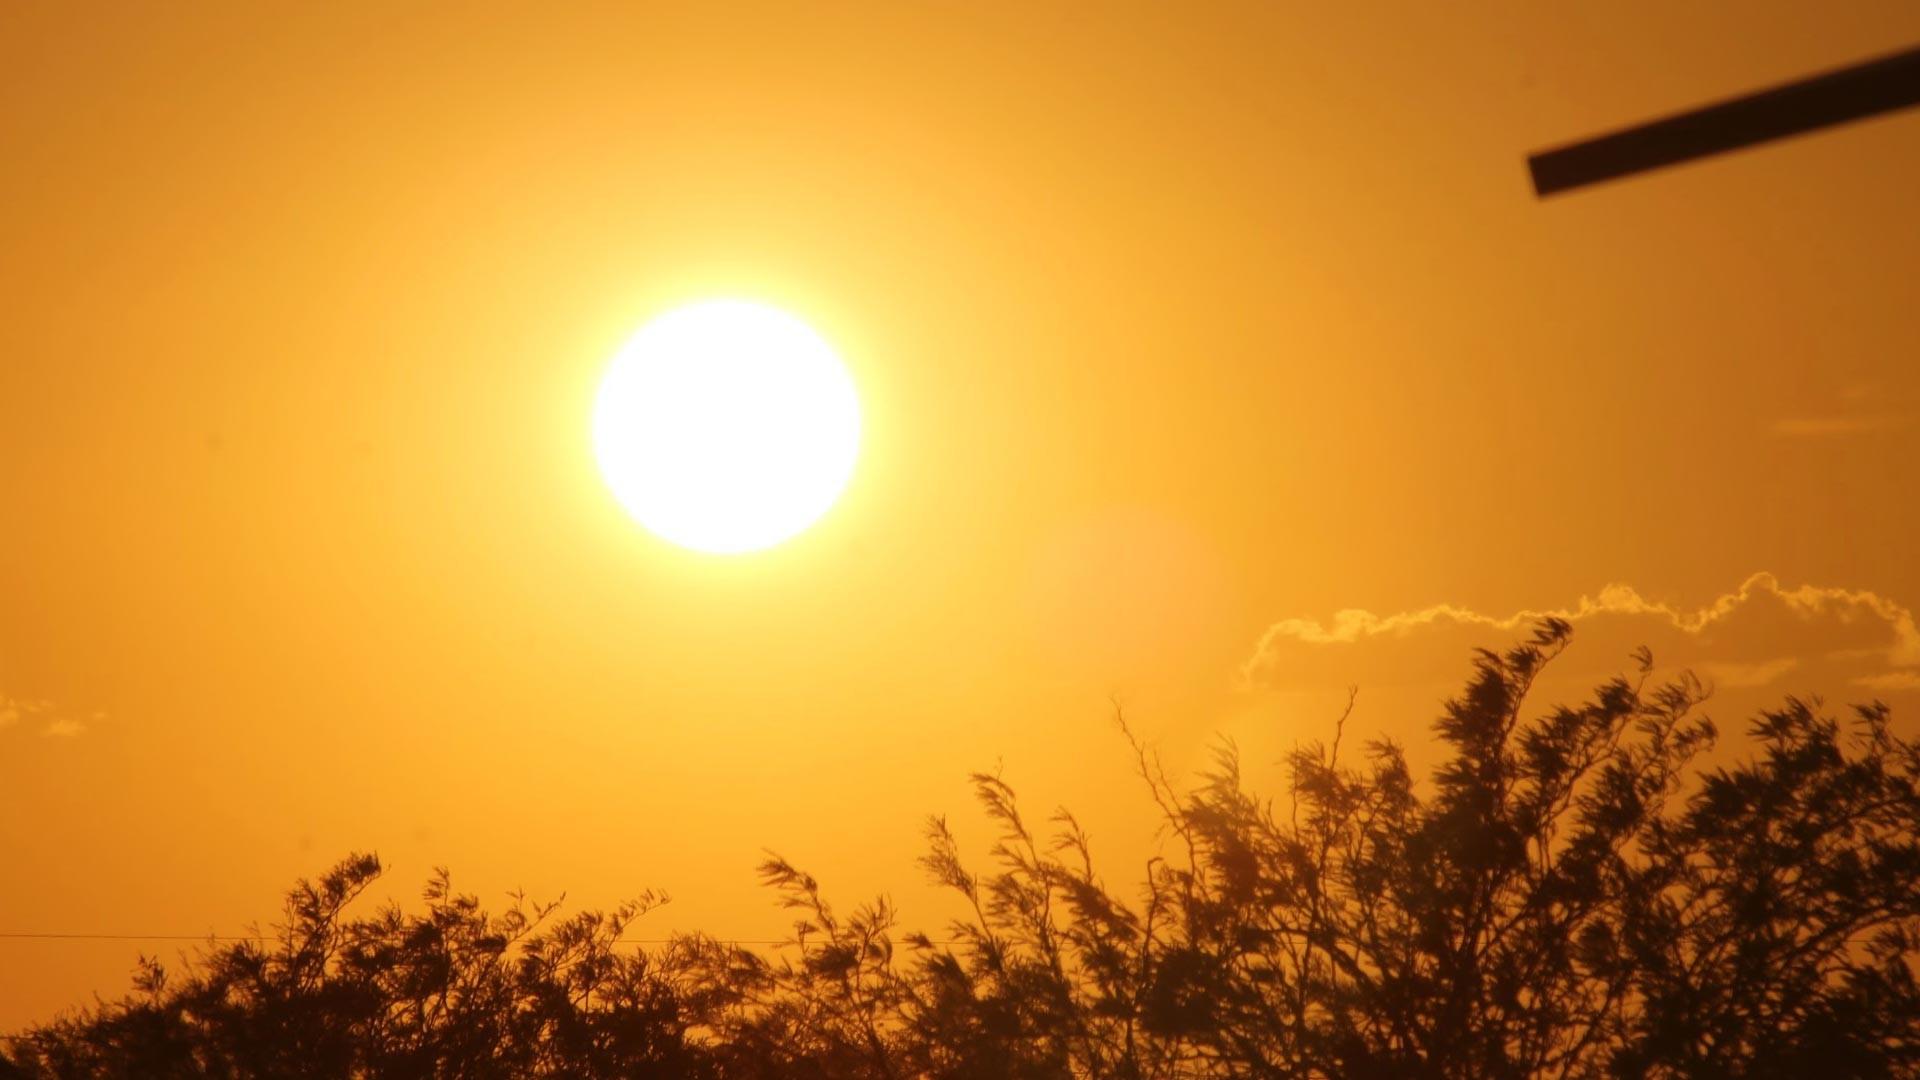 كيف ستكون حالة الطقس خلال عطلة العيد؟